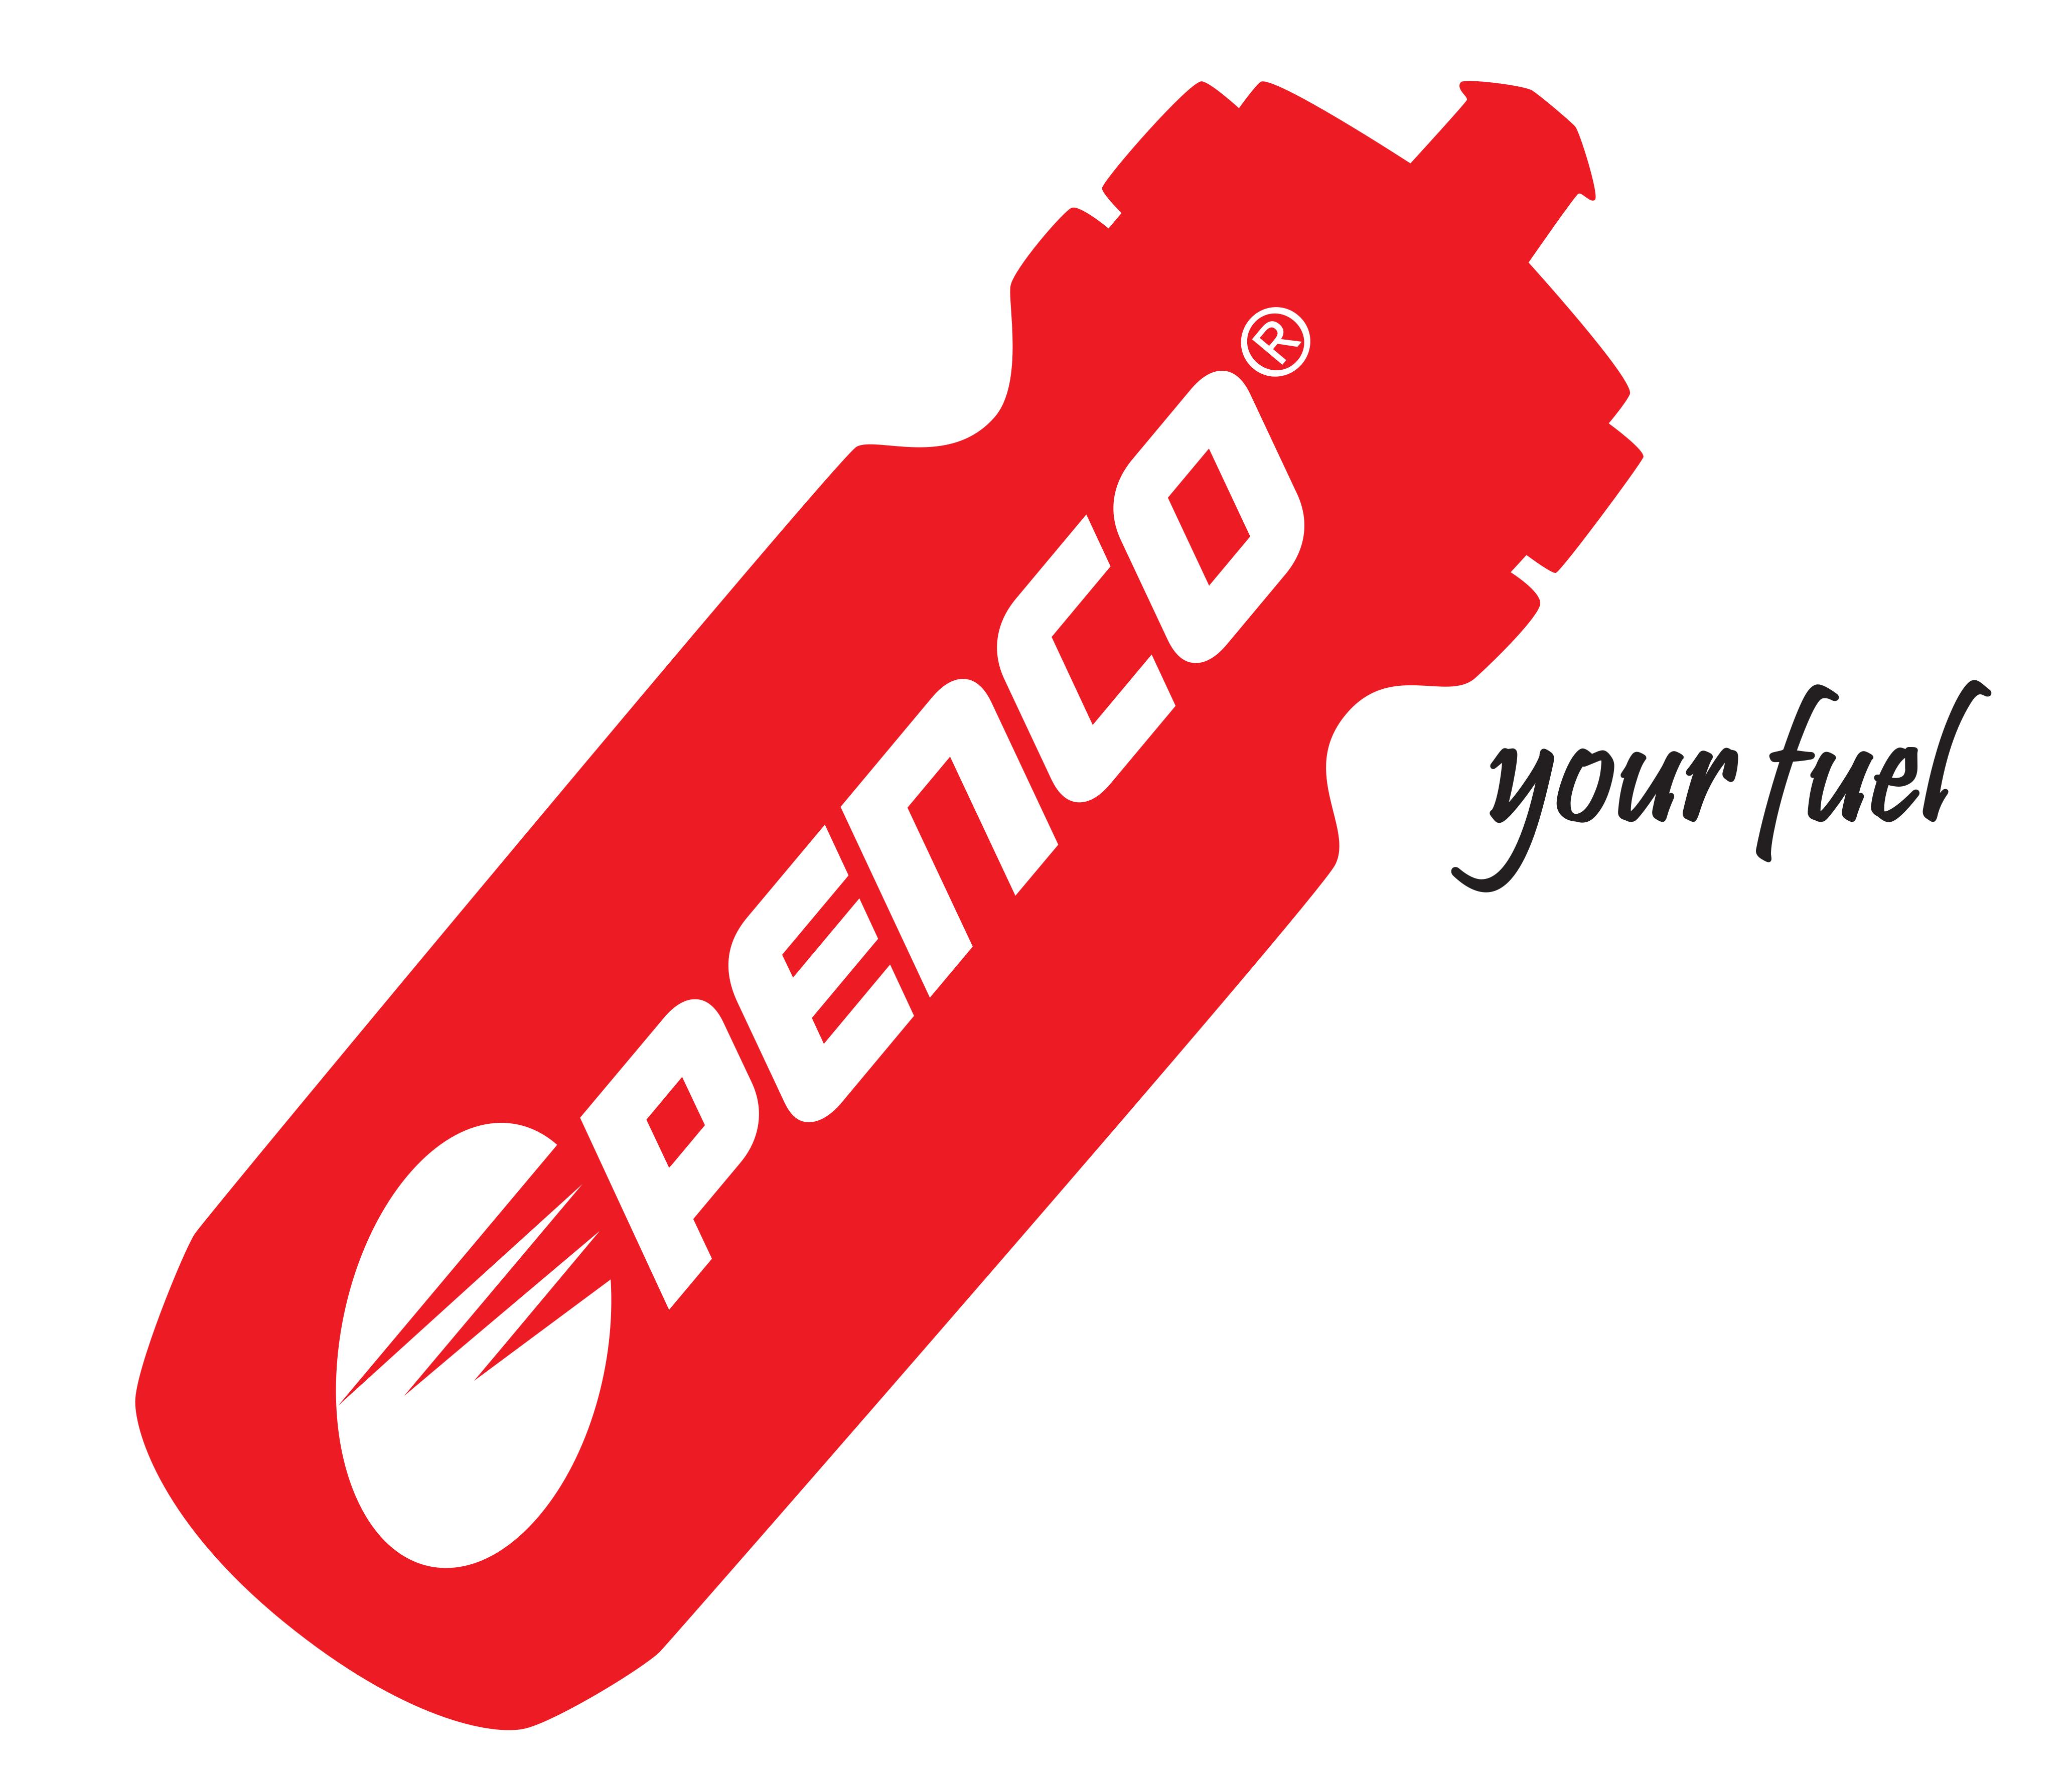 PENCO nowym partnerem cyklu Solid MTB 2021